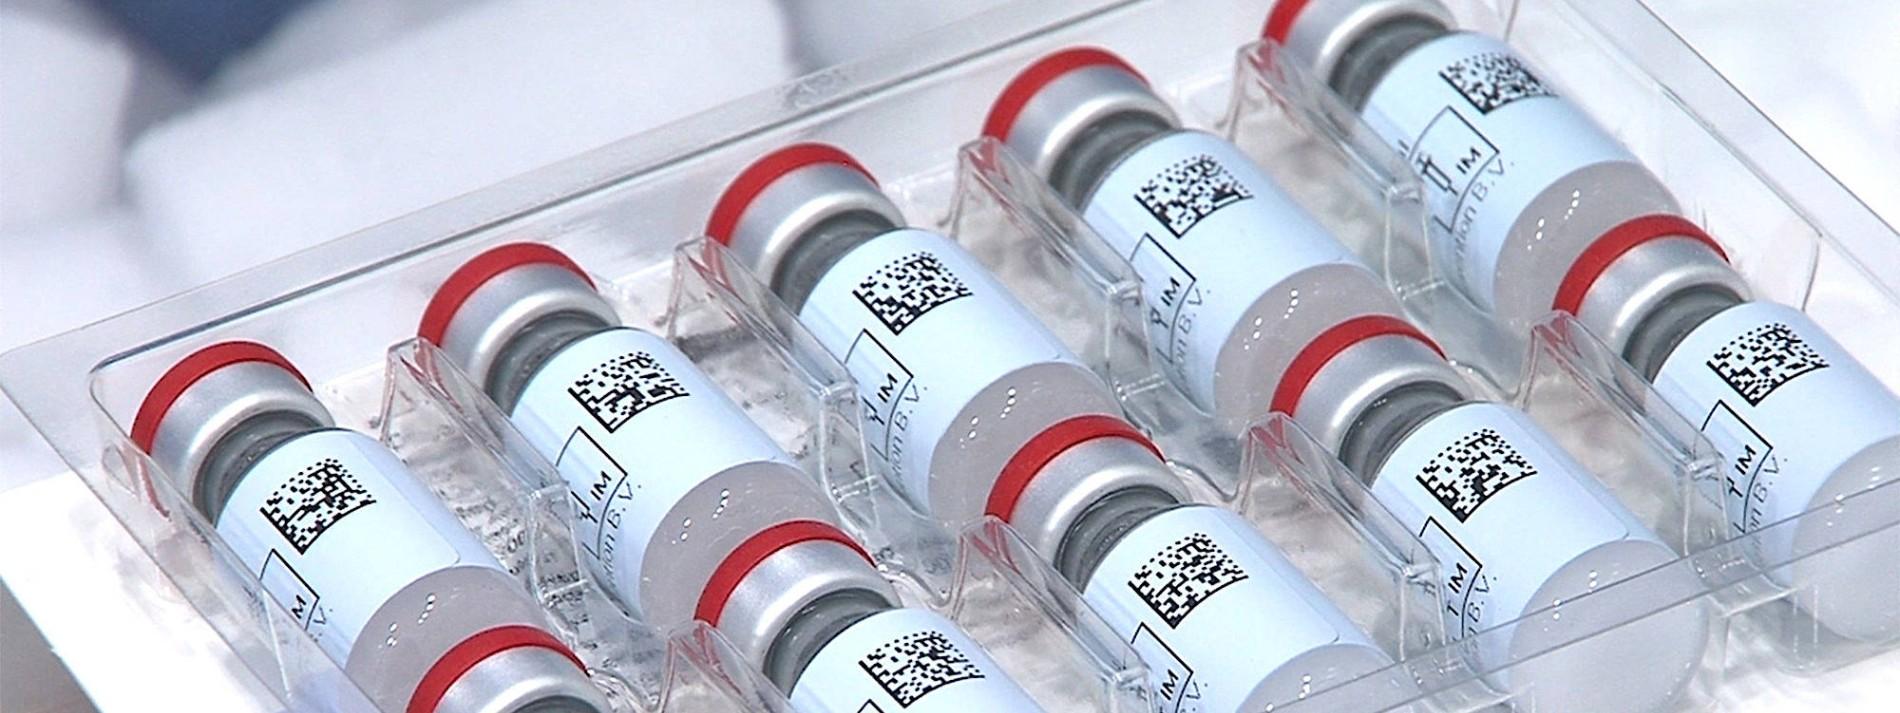 Amerikanische Experten empfehlen Zulassung für Impfstoff von Johnson & Johnson